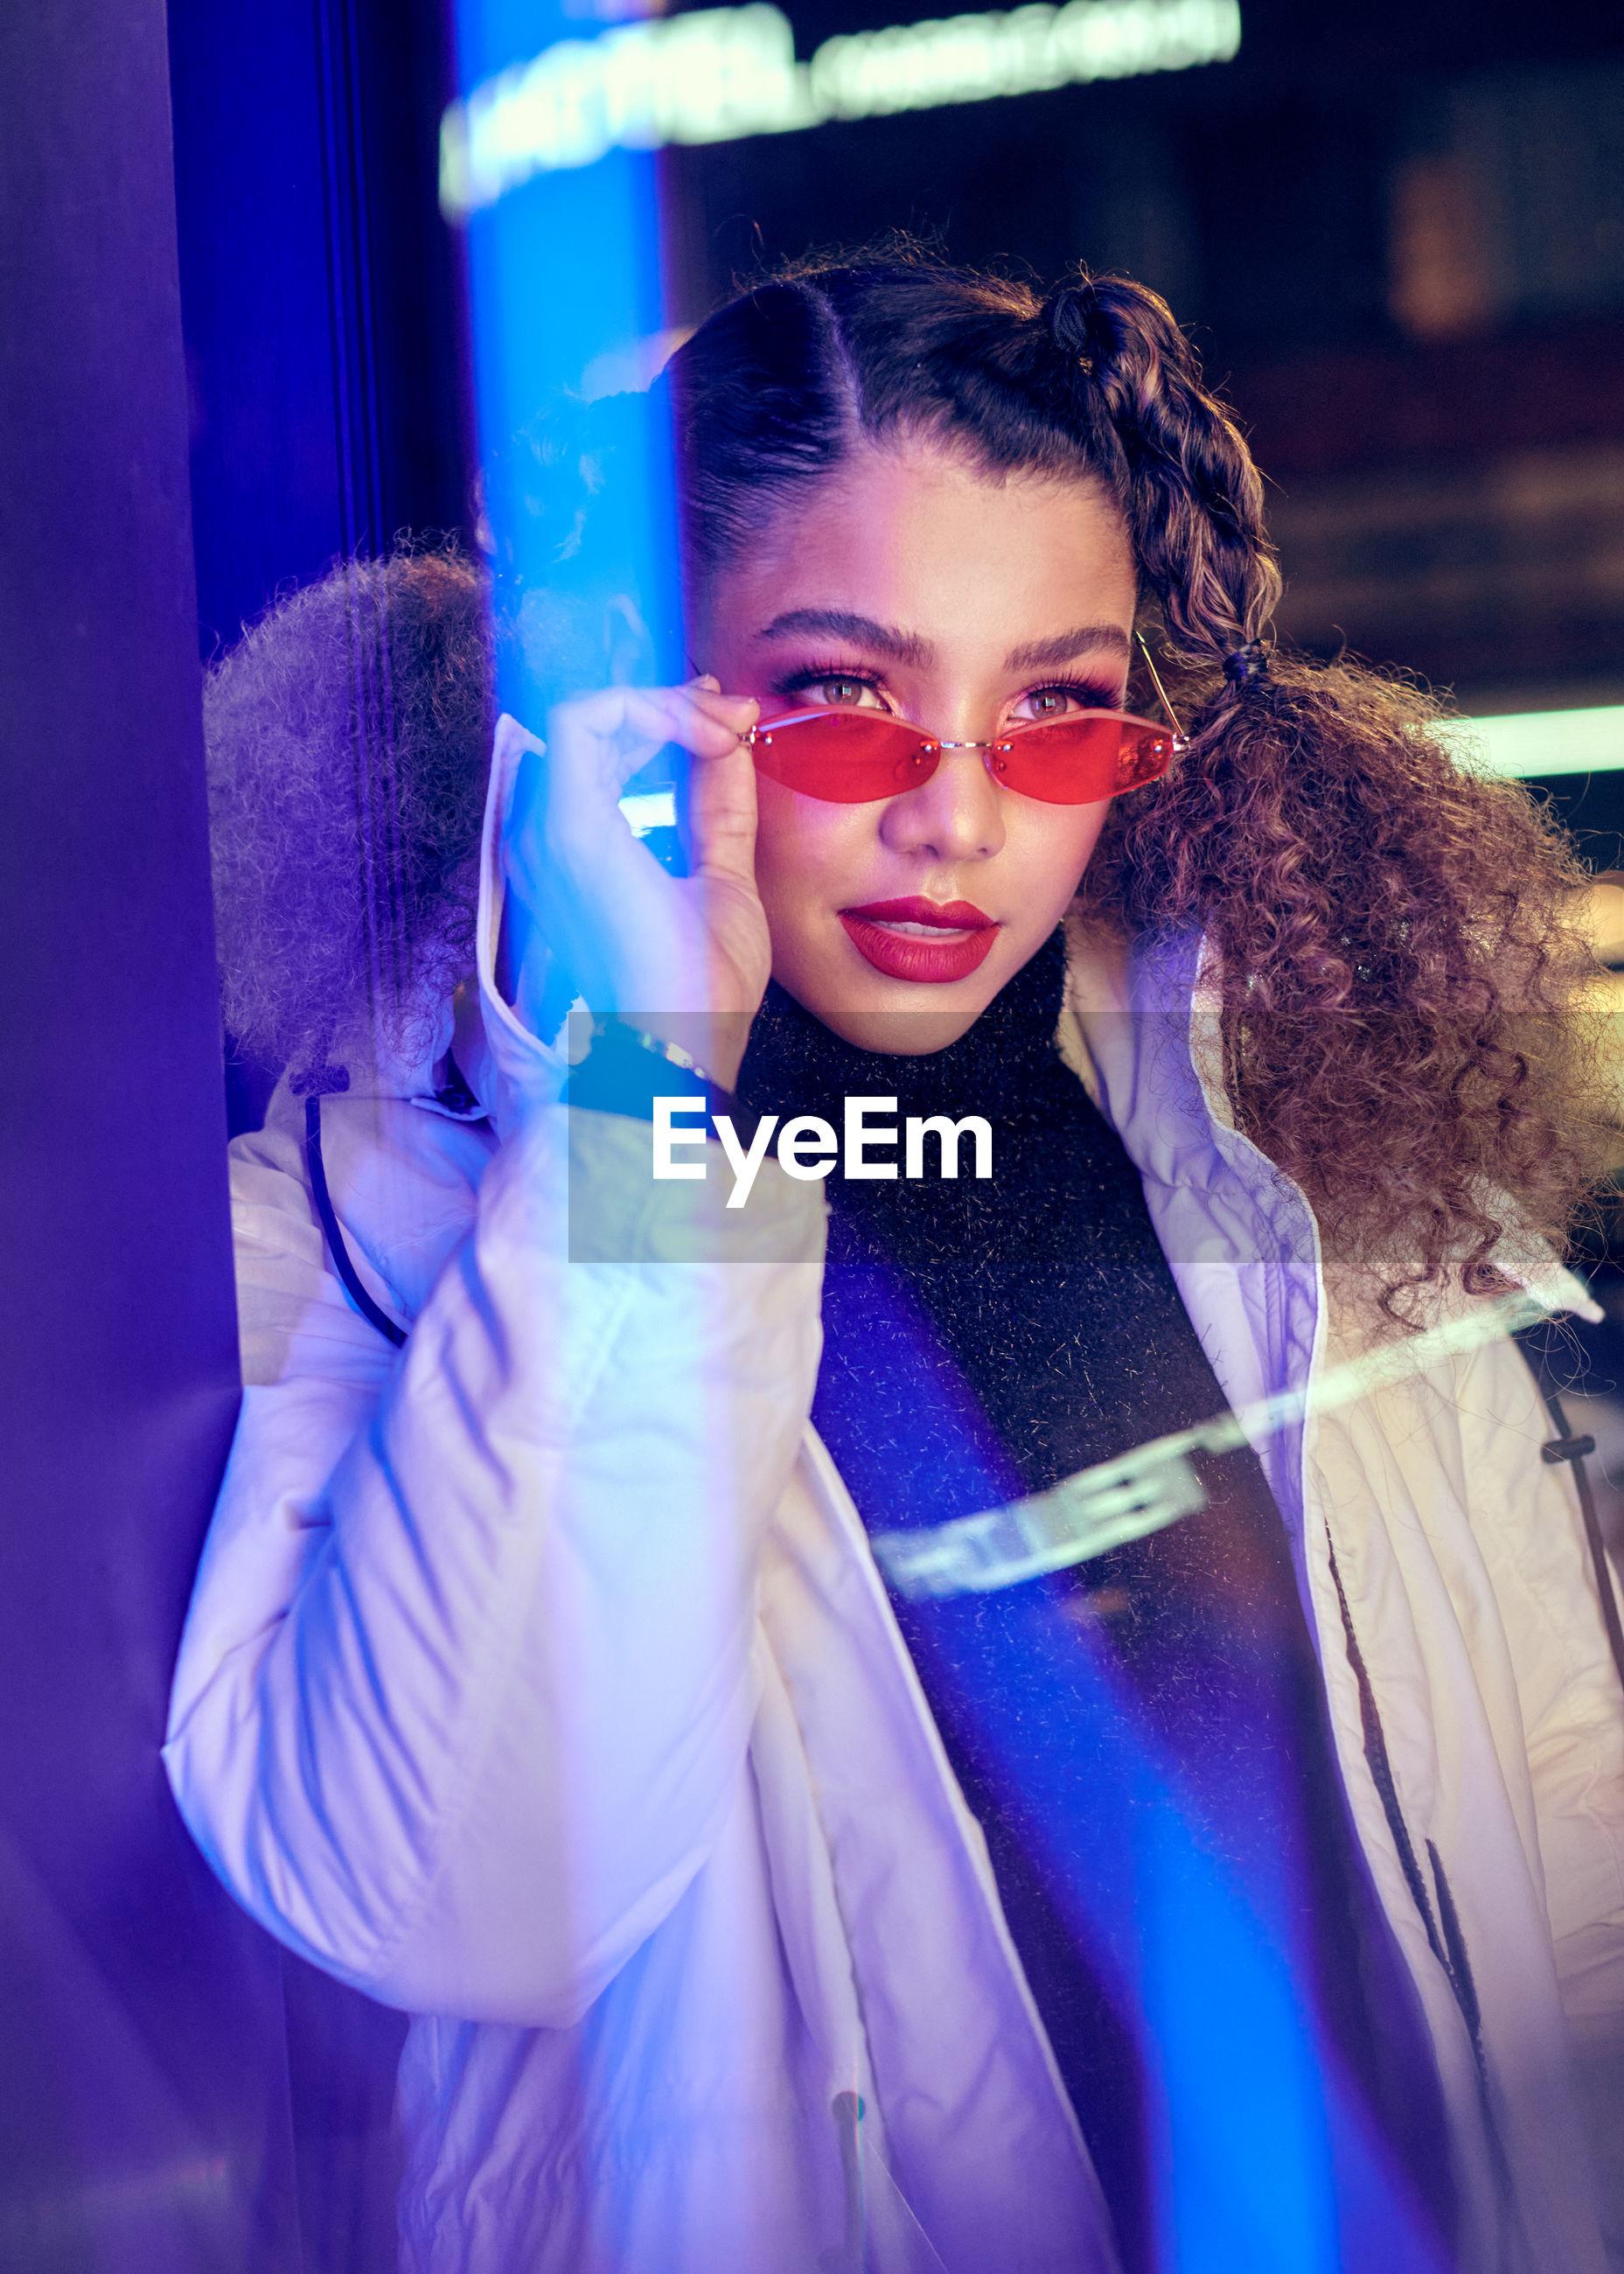 Smiling woman wearing eyewear while standing outdoors at night